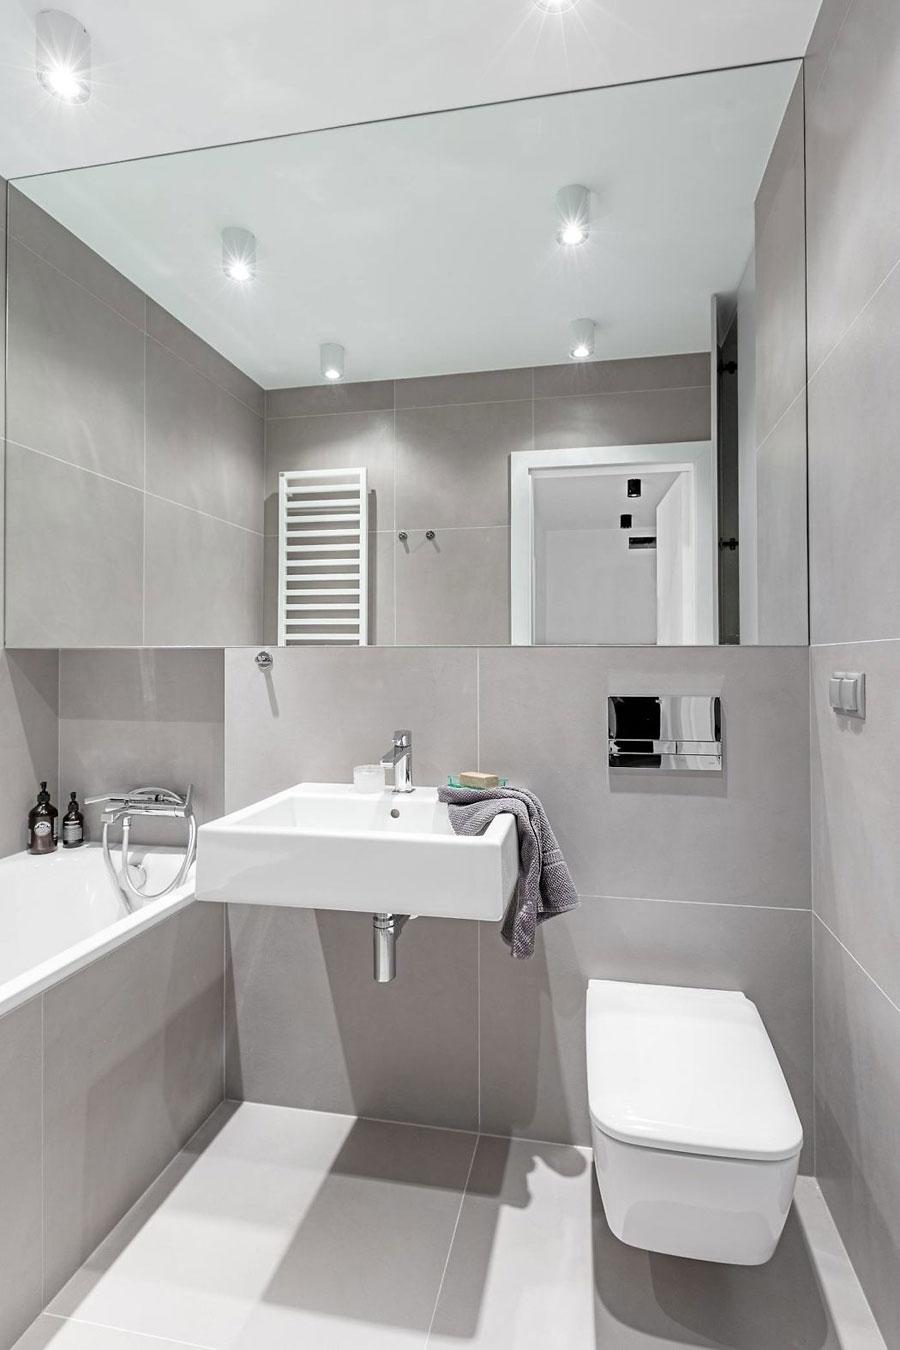 kleine badkamers voorbeelden praktische indeling